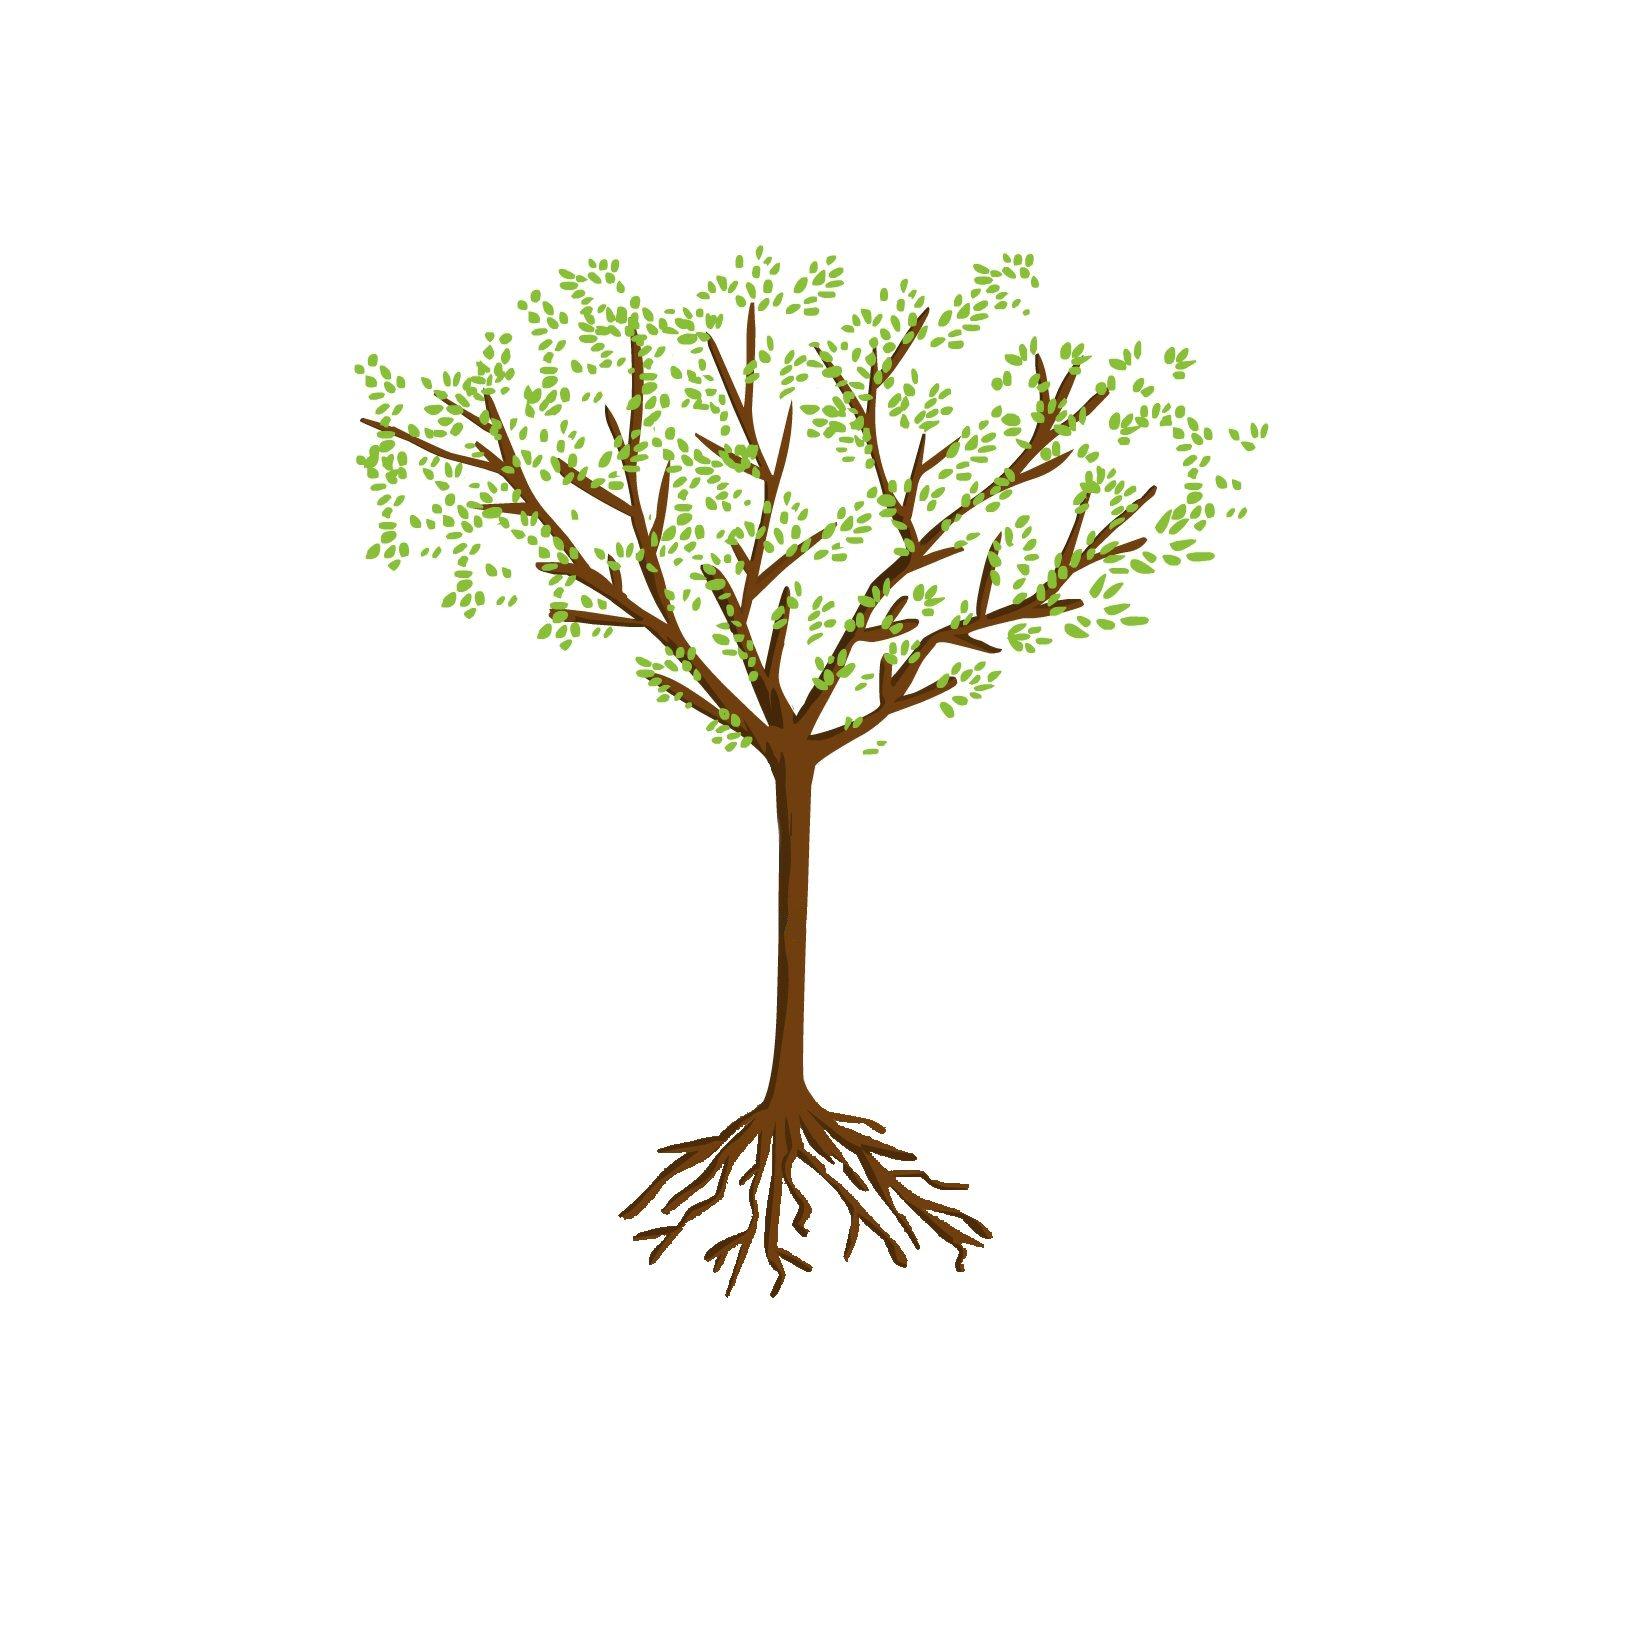 dessins en couleurs imprimer arbres num ro 618103. Black Bedroom Furniture Sets. Home Design Ideas